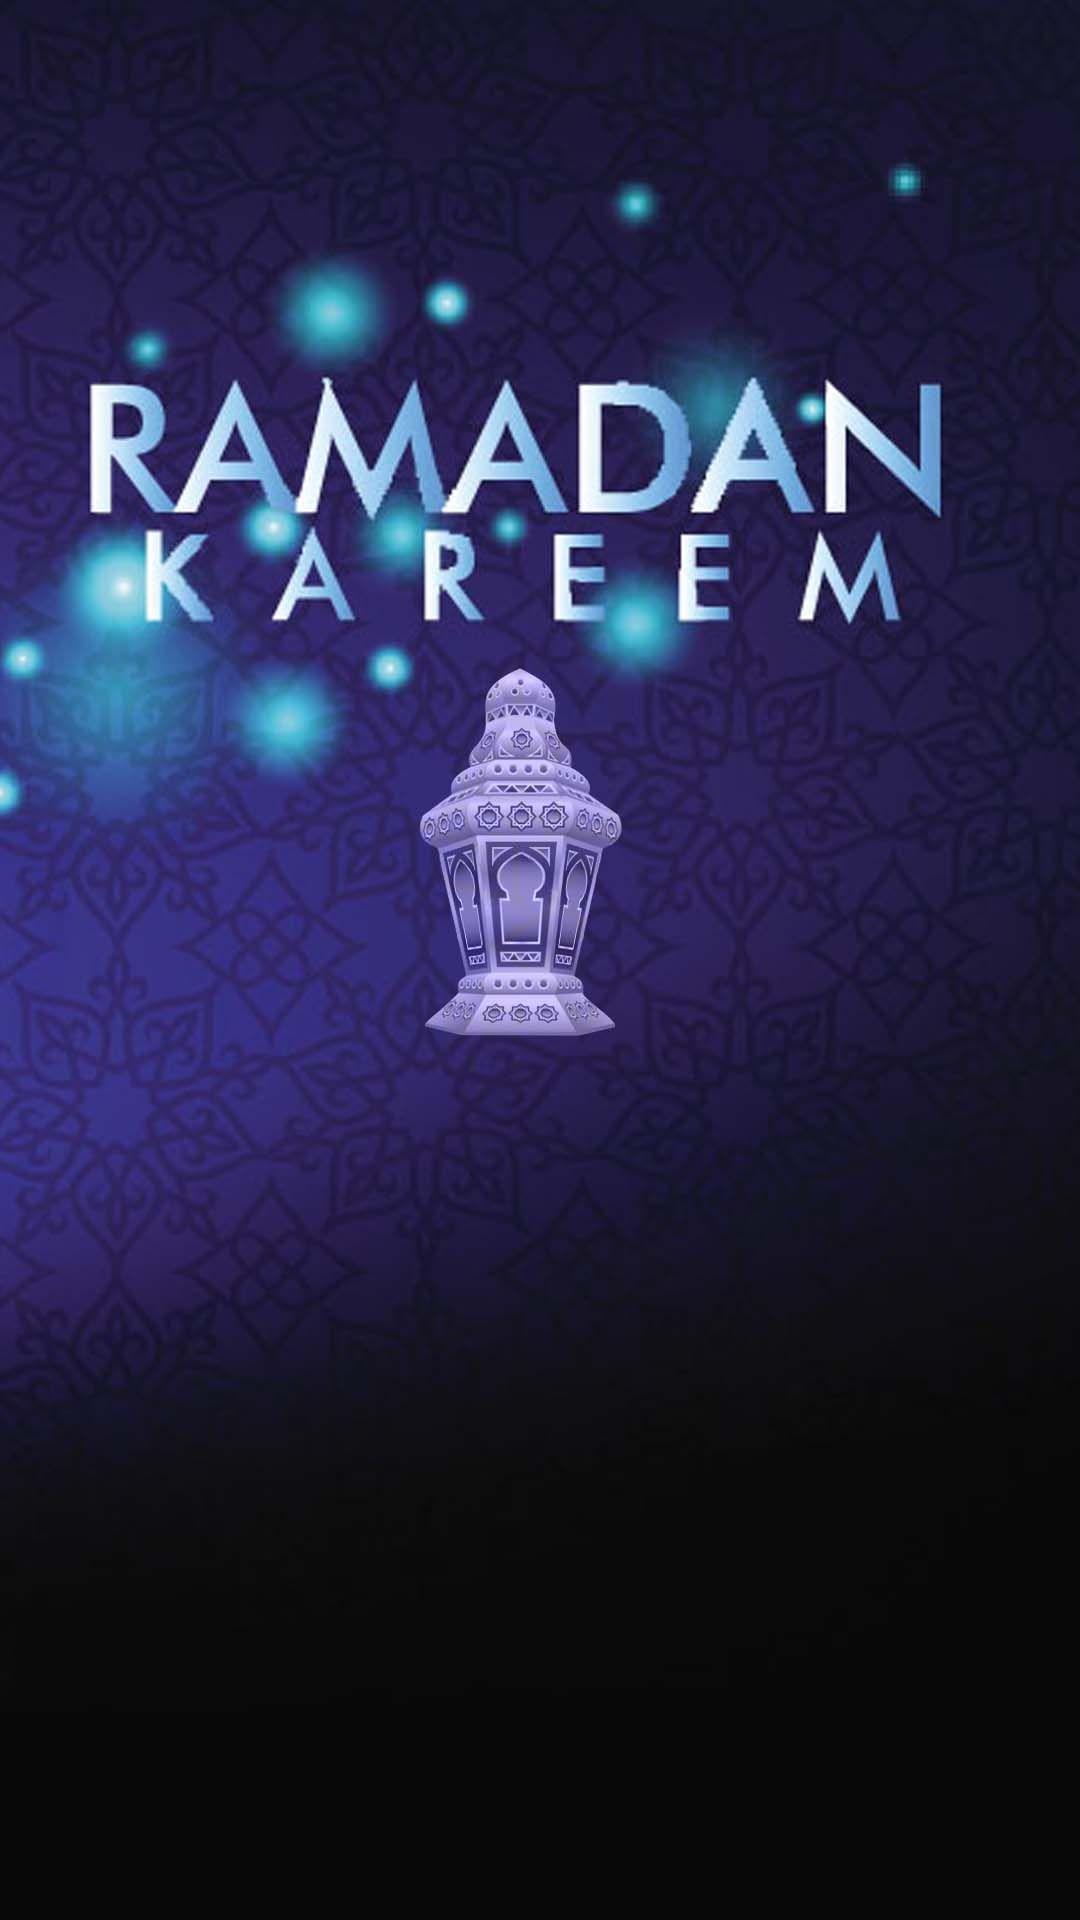 خلفيات اسلامية للموبايل Tecnologis Ramadan Kareem Ramadan Kareem